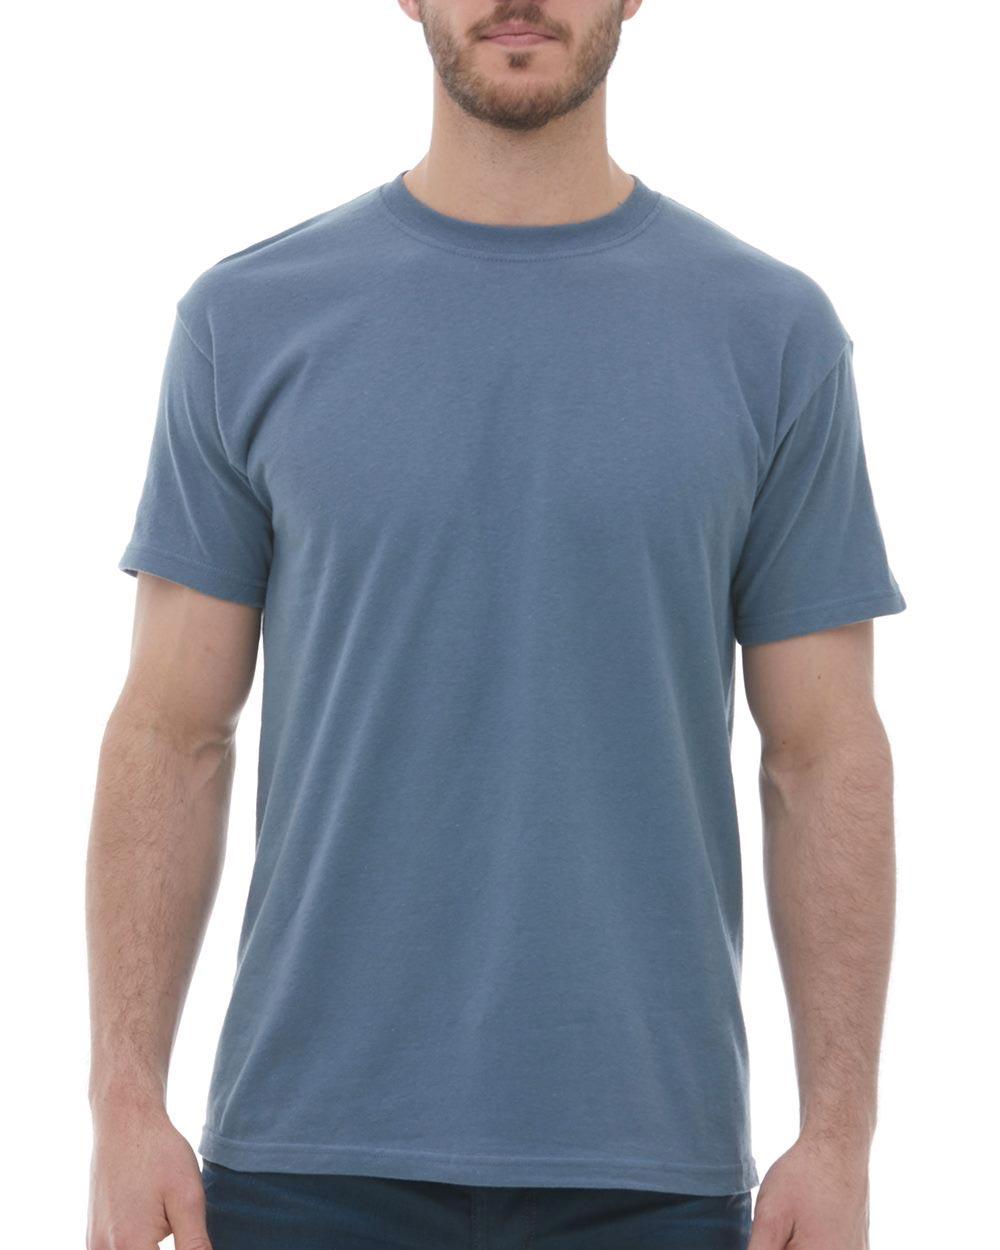 M&O Knits 5500 - Ring-Spun T-Shirt